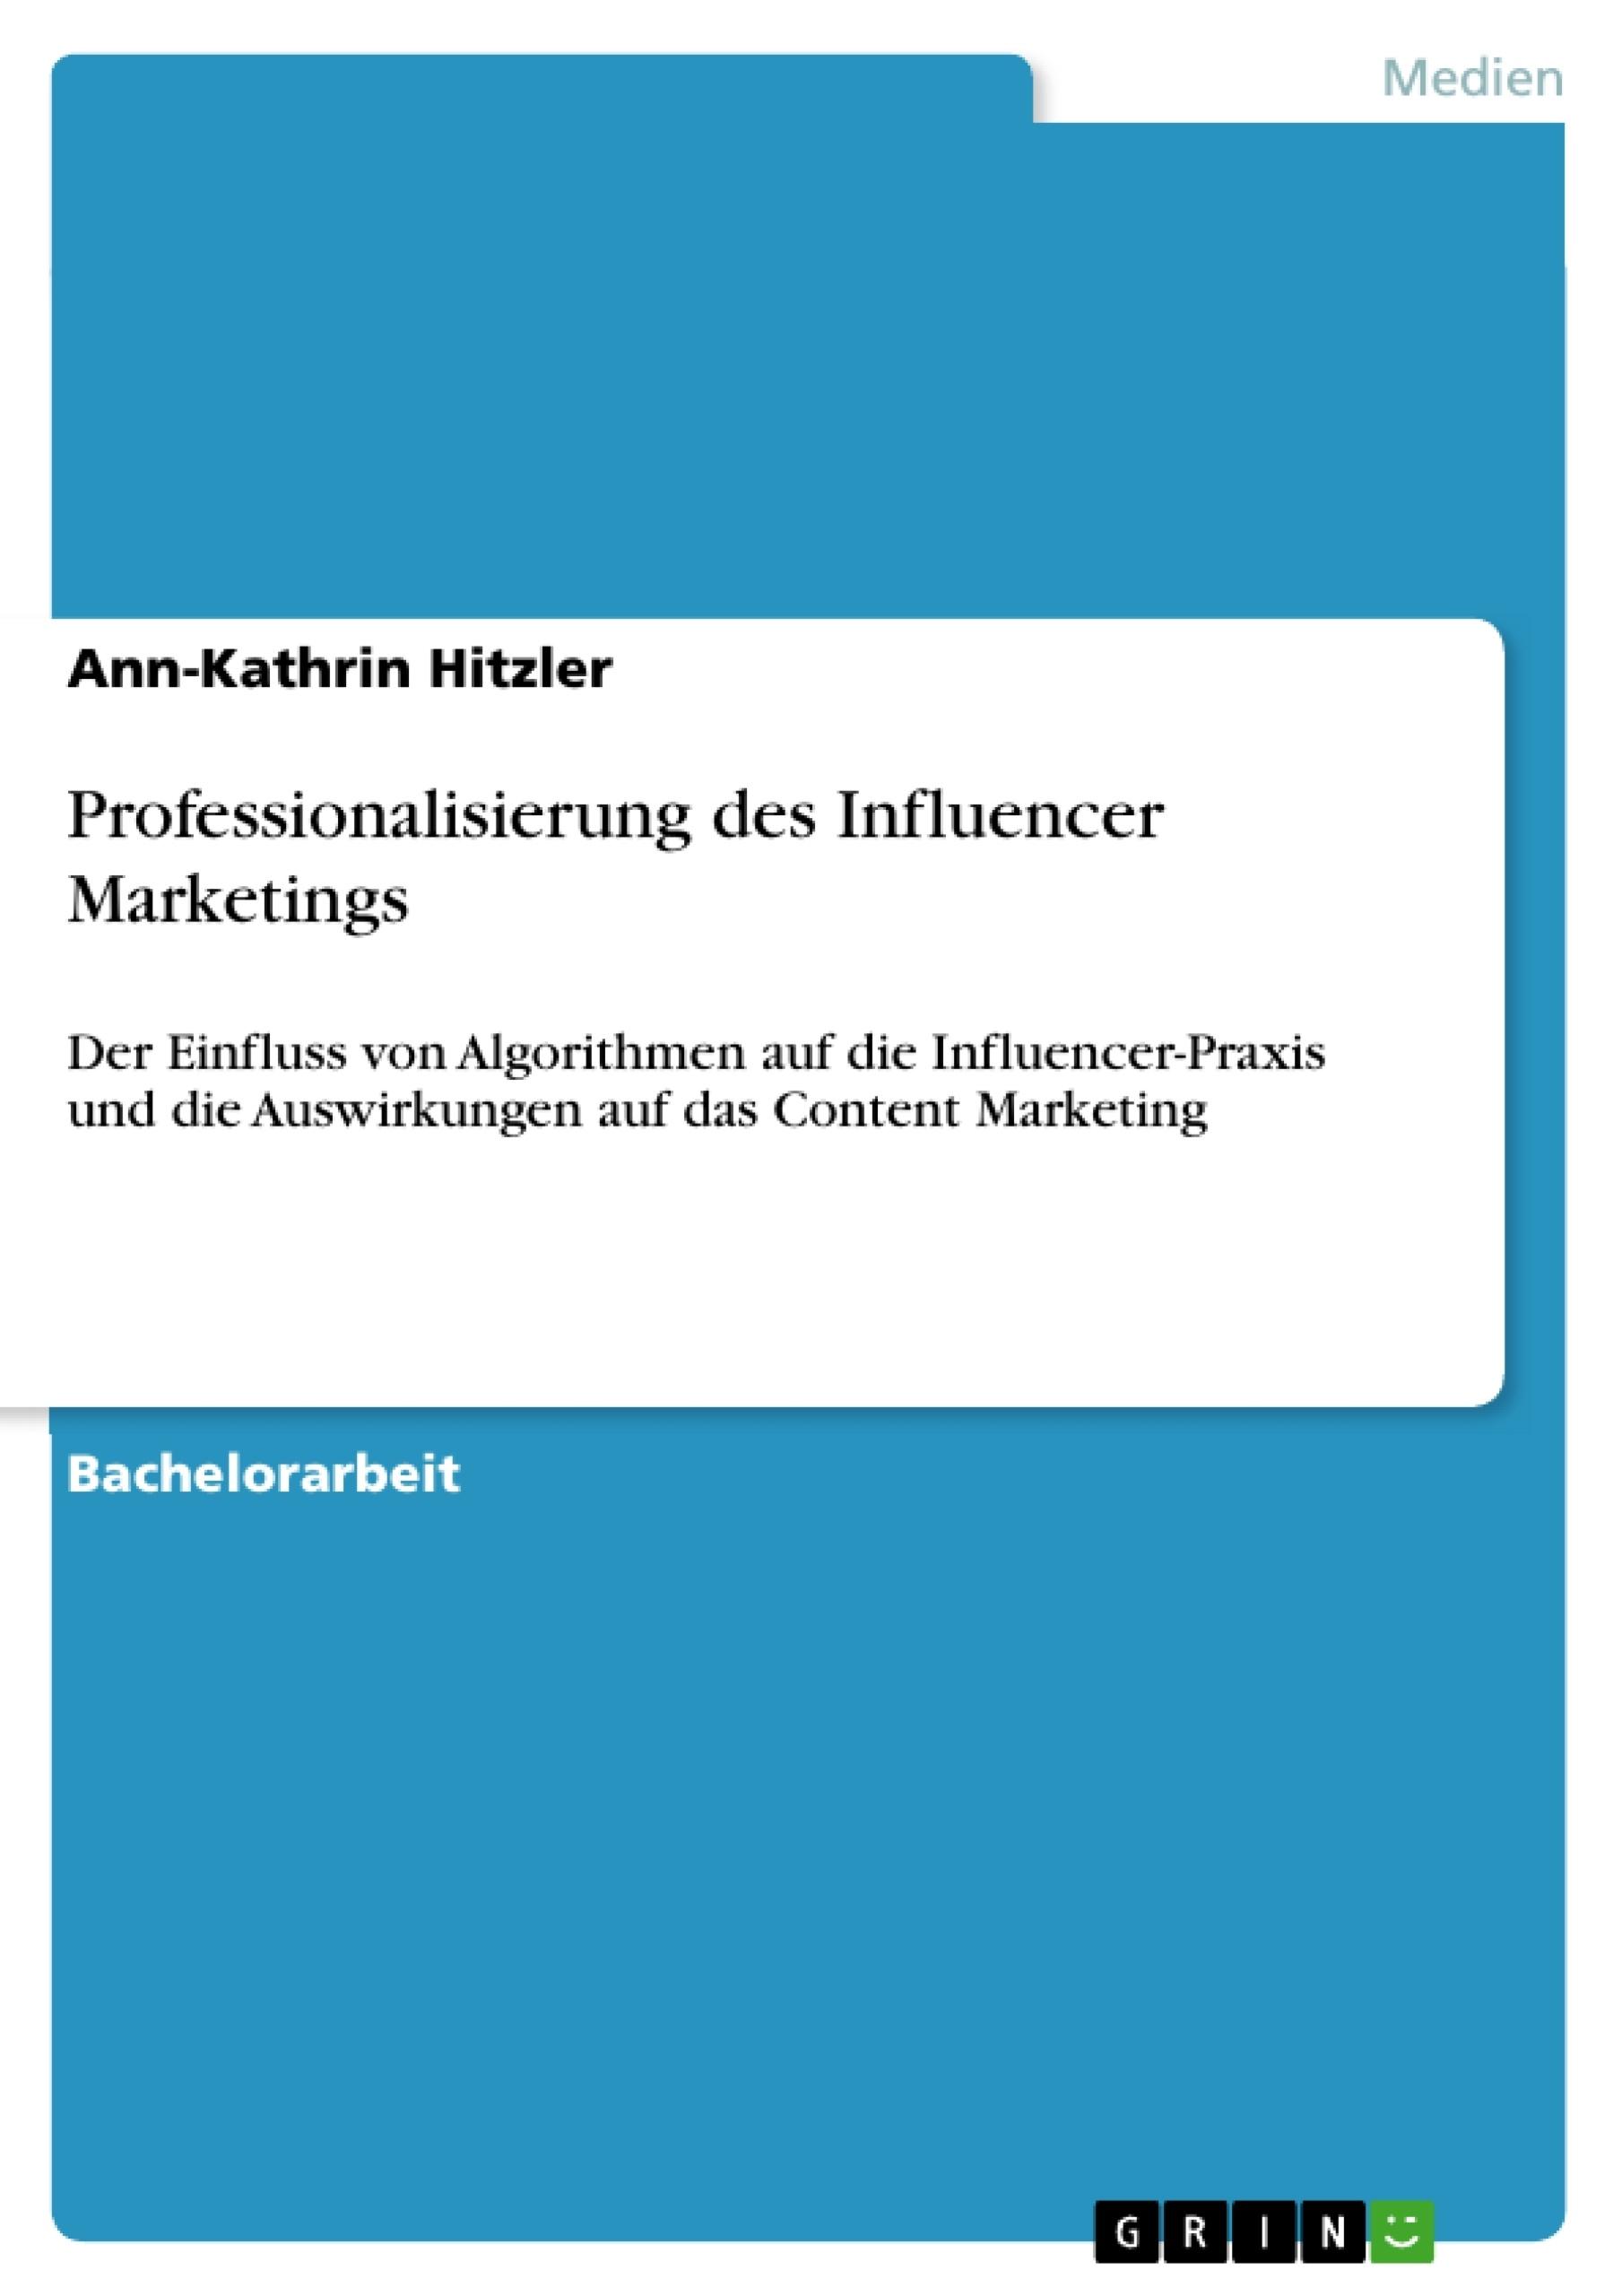 Titel: Professionalisierung des Influencer Marketings